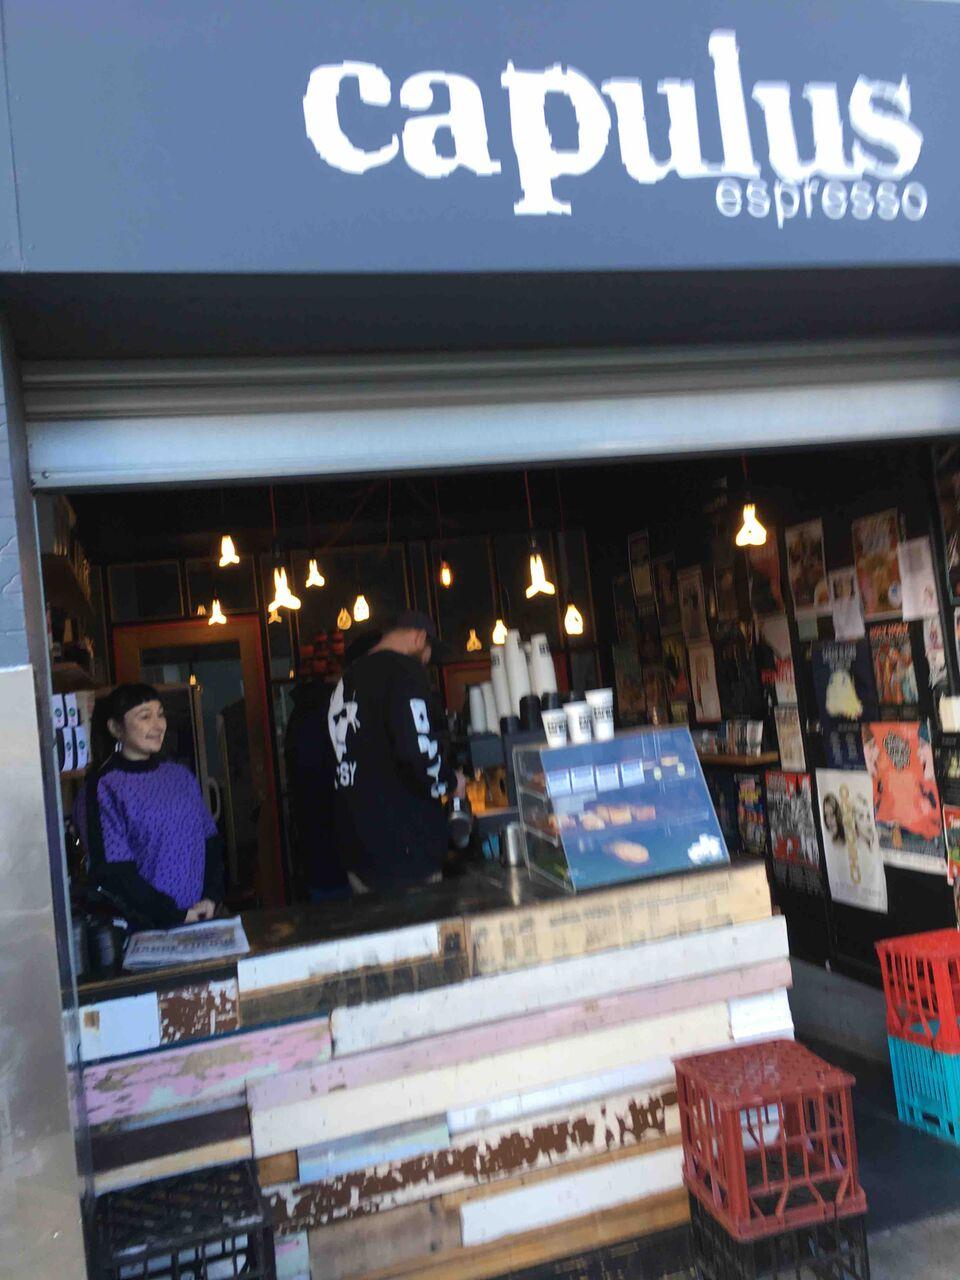 Capulus Espresso, Hobart.